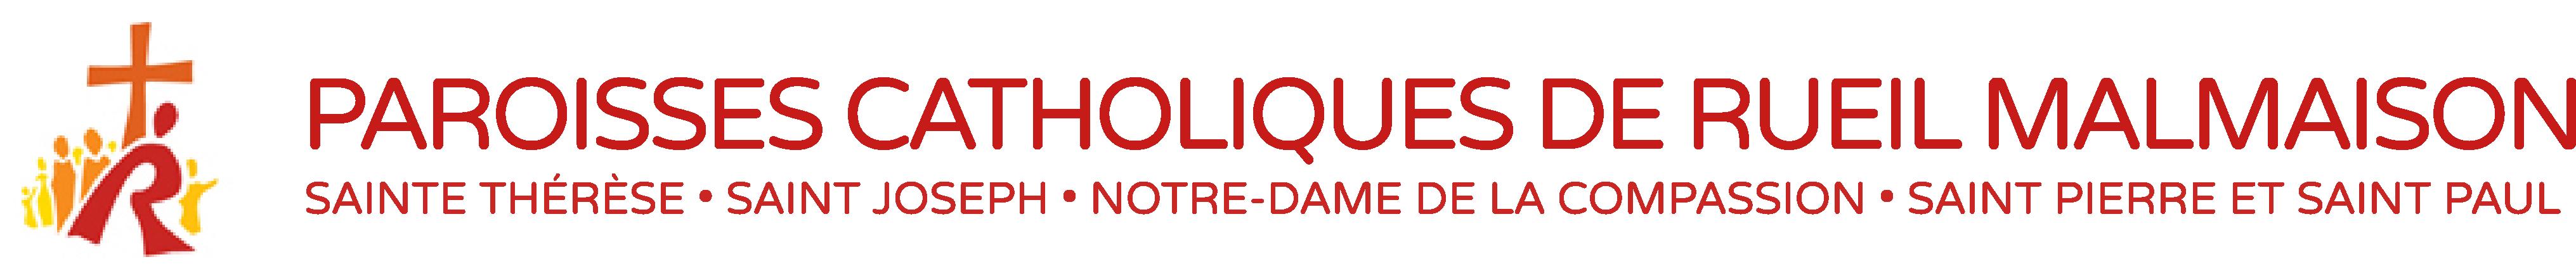 PAROISSES CATHOLIQUES DE RUEIL MALMAISON